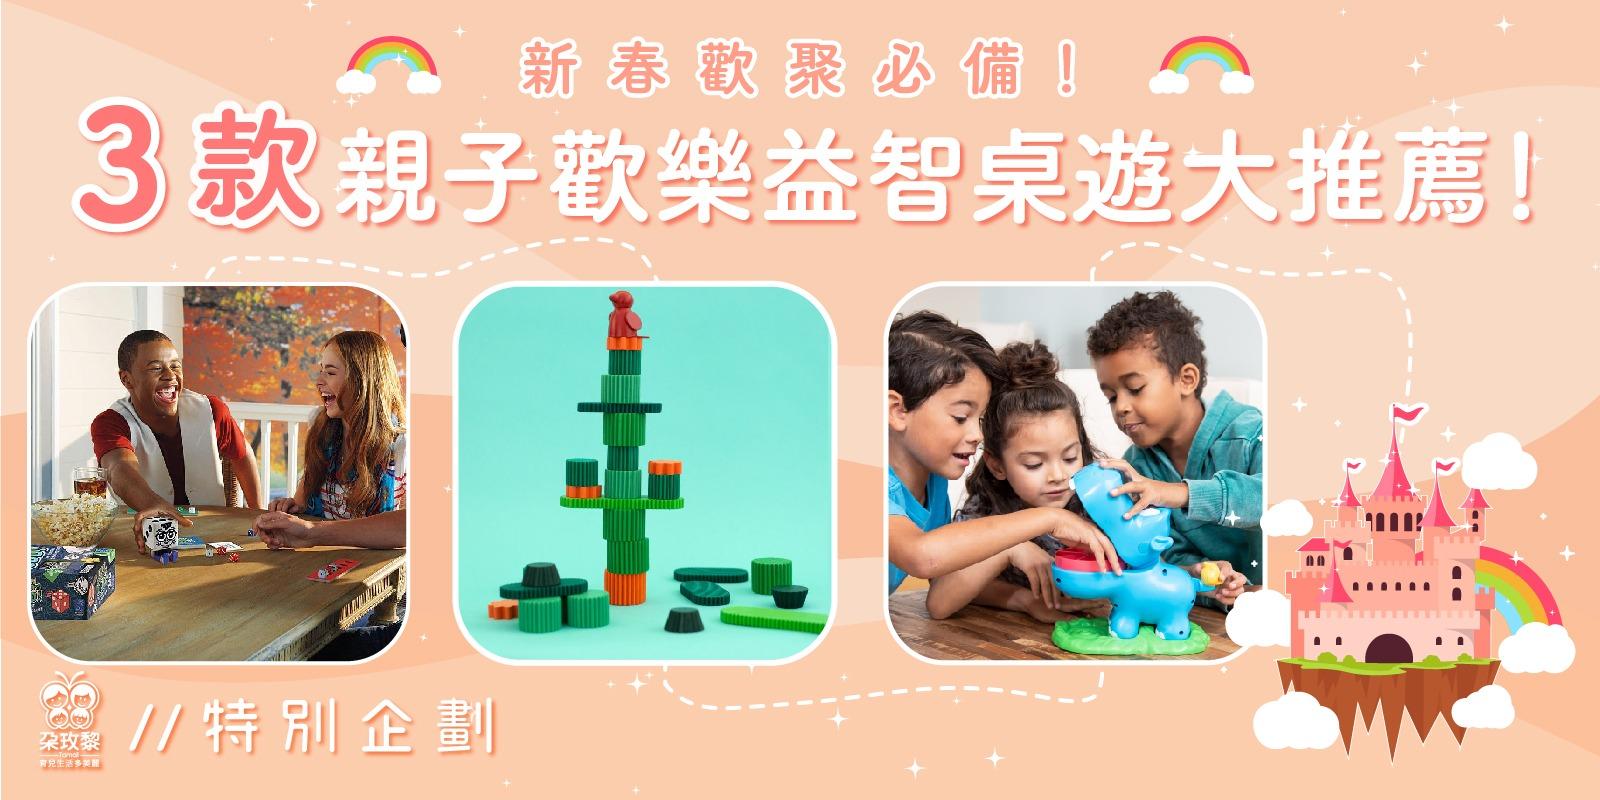 朶特企|新春歡聚必備3款親子歡樂益智桌遊大推薦!